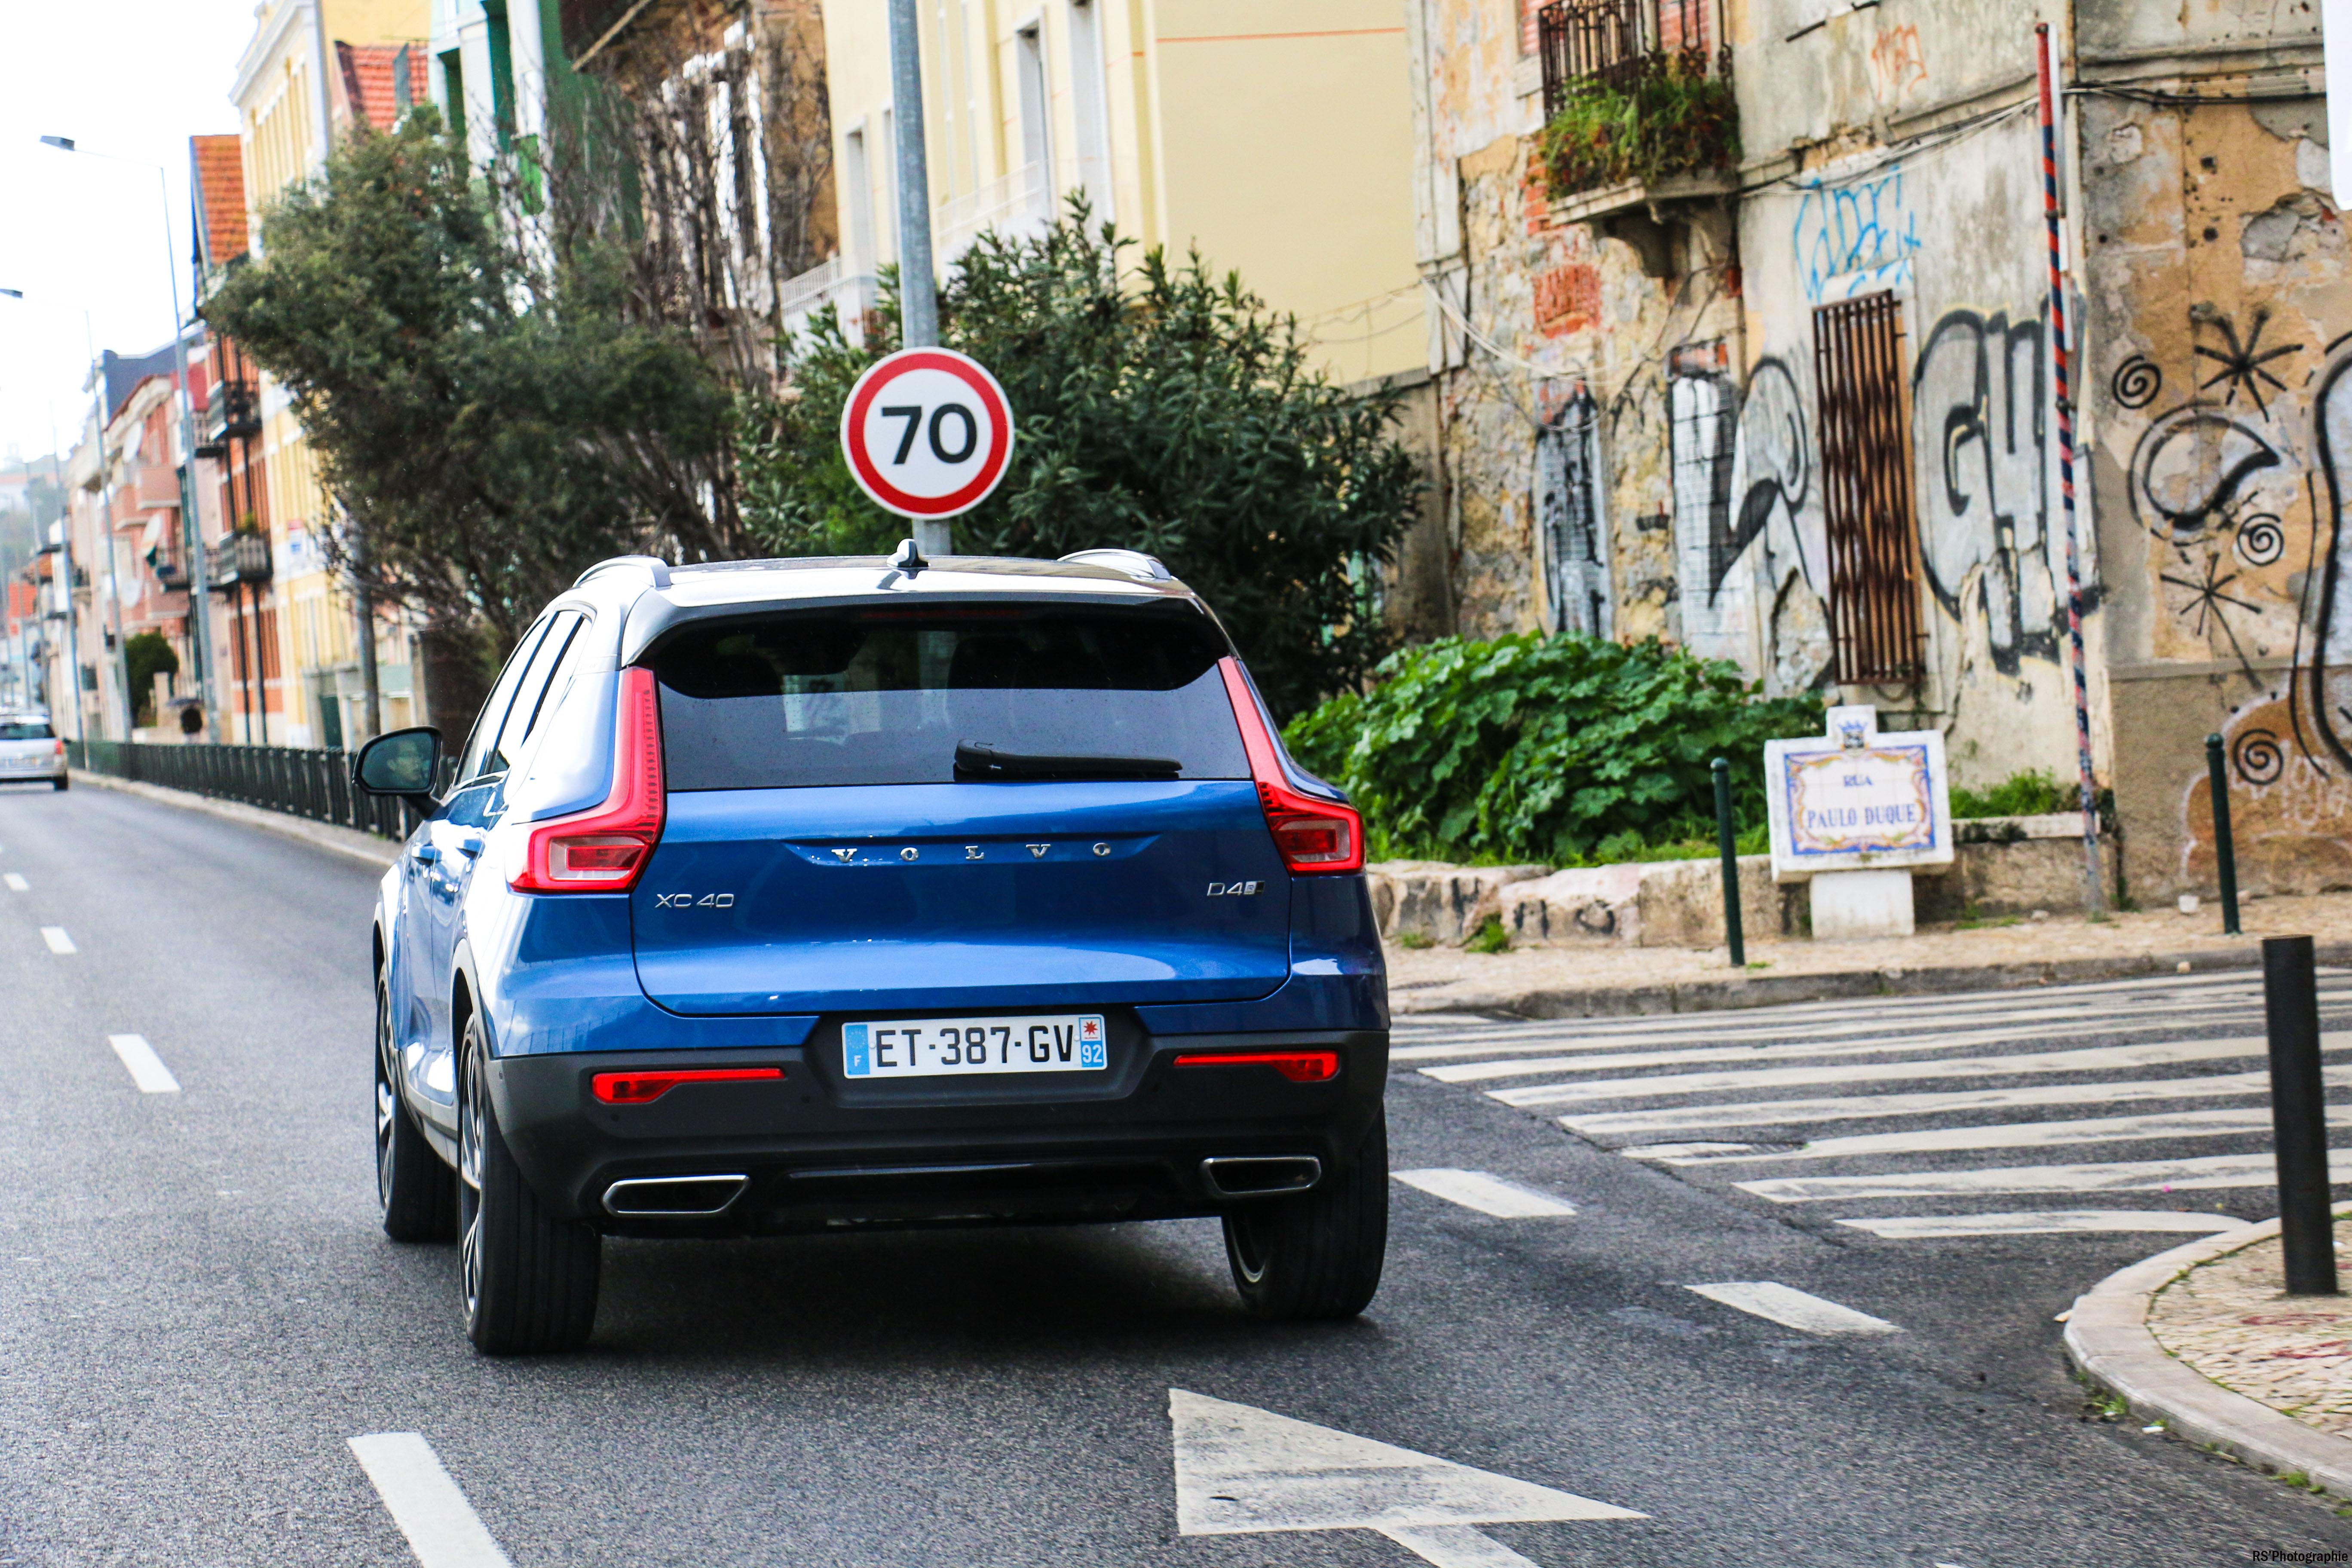 volvoXC4025-volvo-xc40-arriere-rear-Arnaud Demasier-RSPhotographie